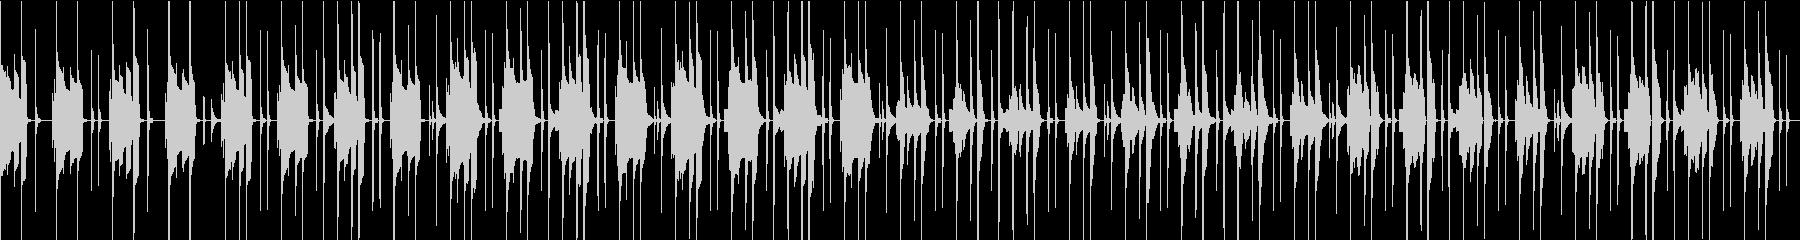 配信/ゲーム/日常/かわいい/ほのぼのの未再生の波形